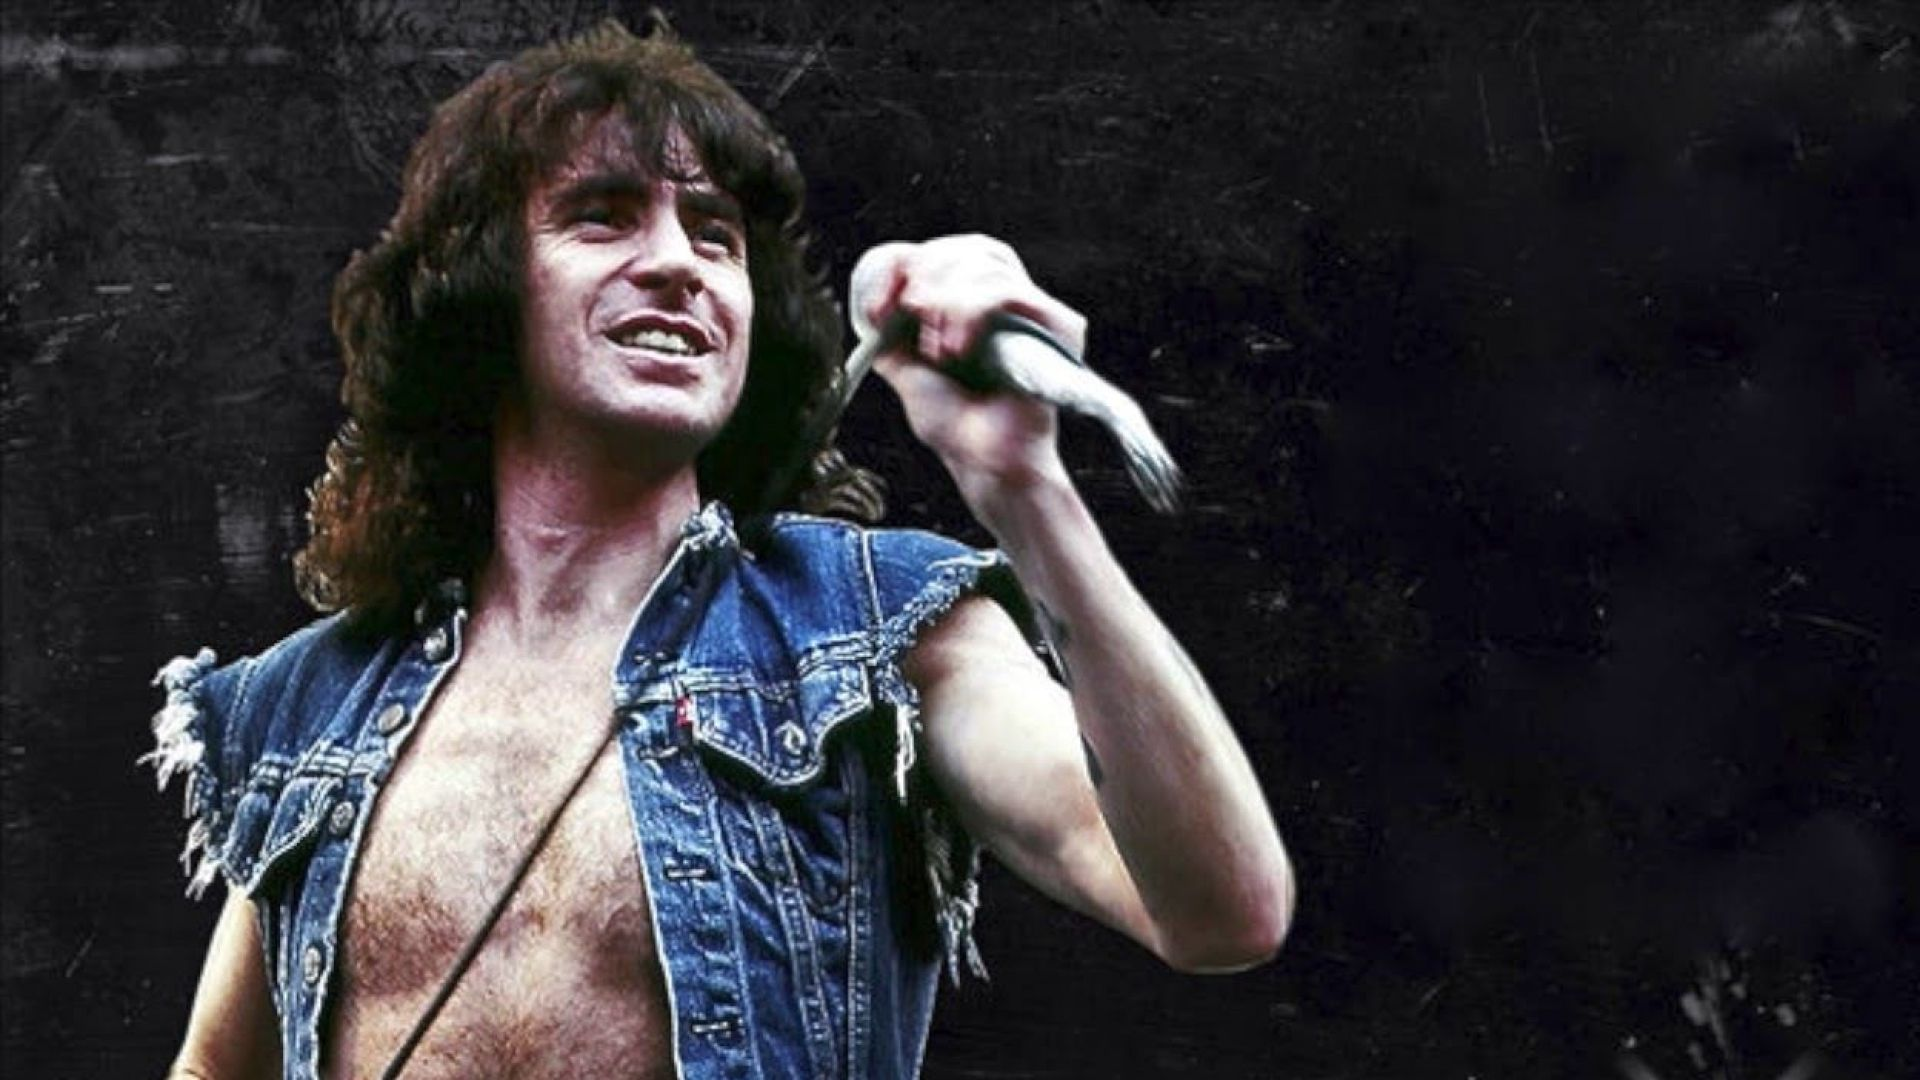 40 години без Бон Скот! He's on the Highway to Hell